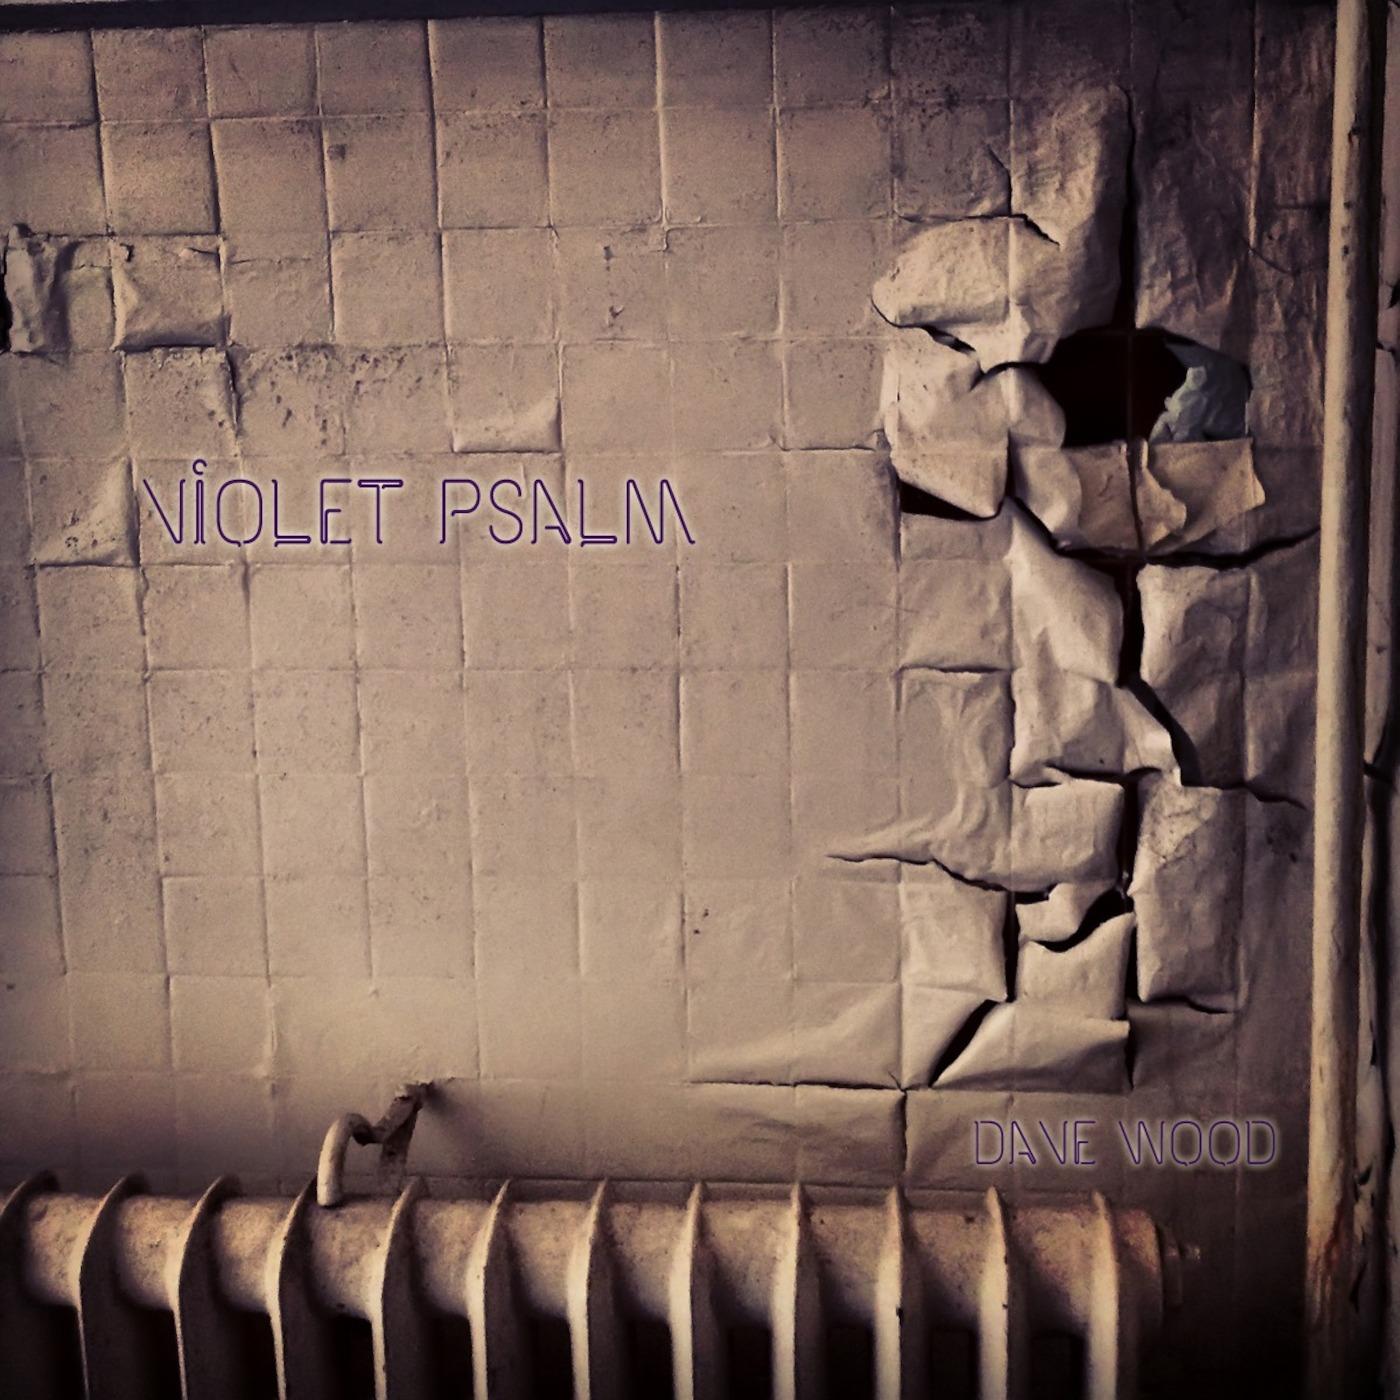 Transmission#40 - Violet Psalm